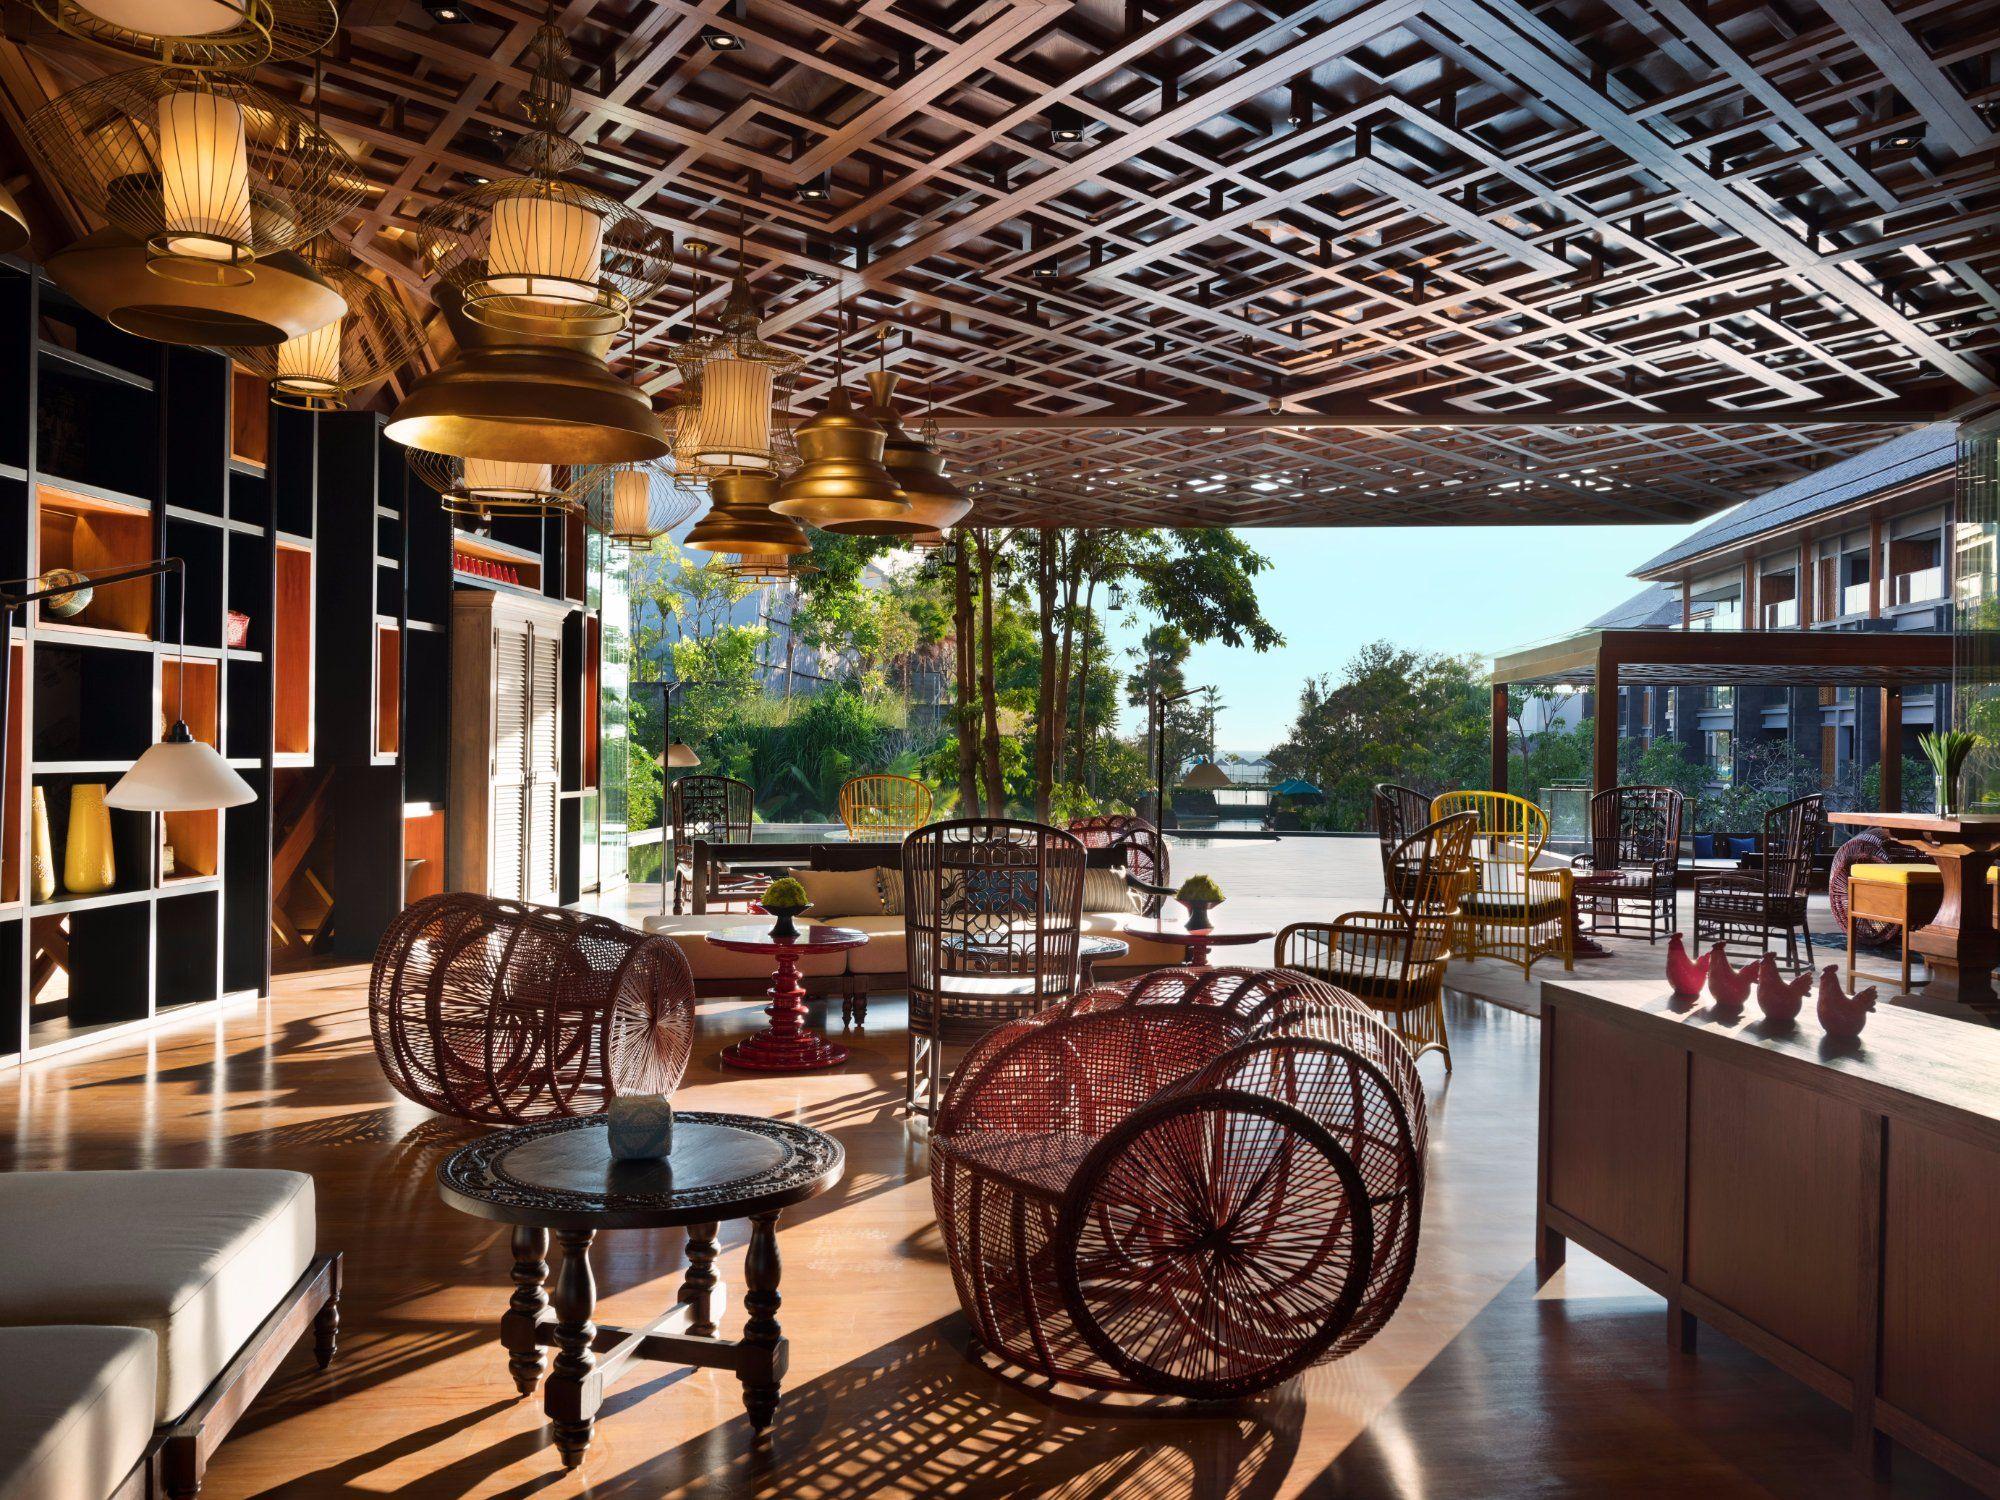 Hotel Indigo Bali Seminyak Beach S 7 3 7 S 228 Updated 2018